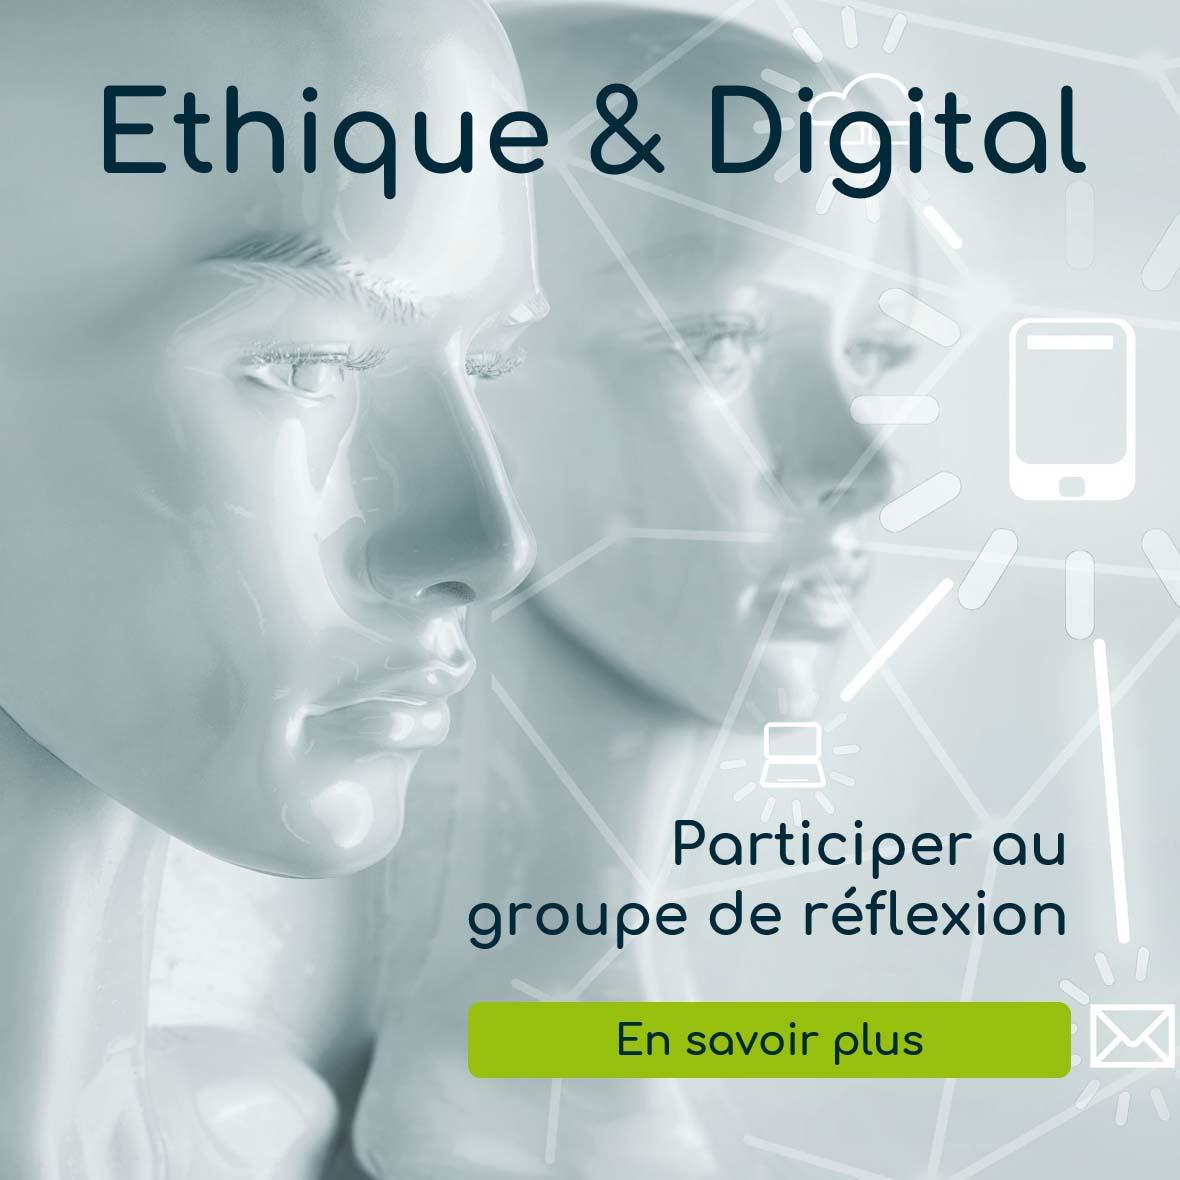 Groupe de réflexion Ethique et Digital